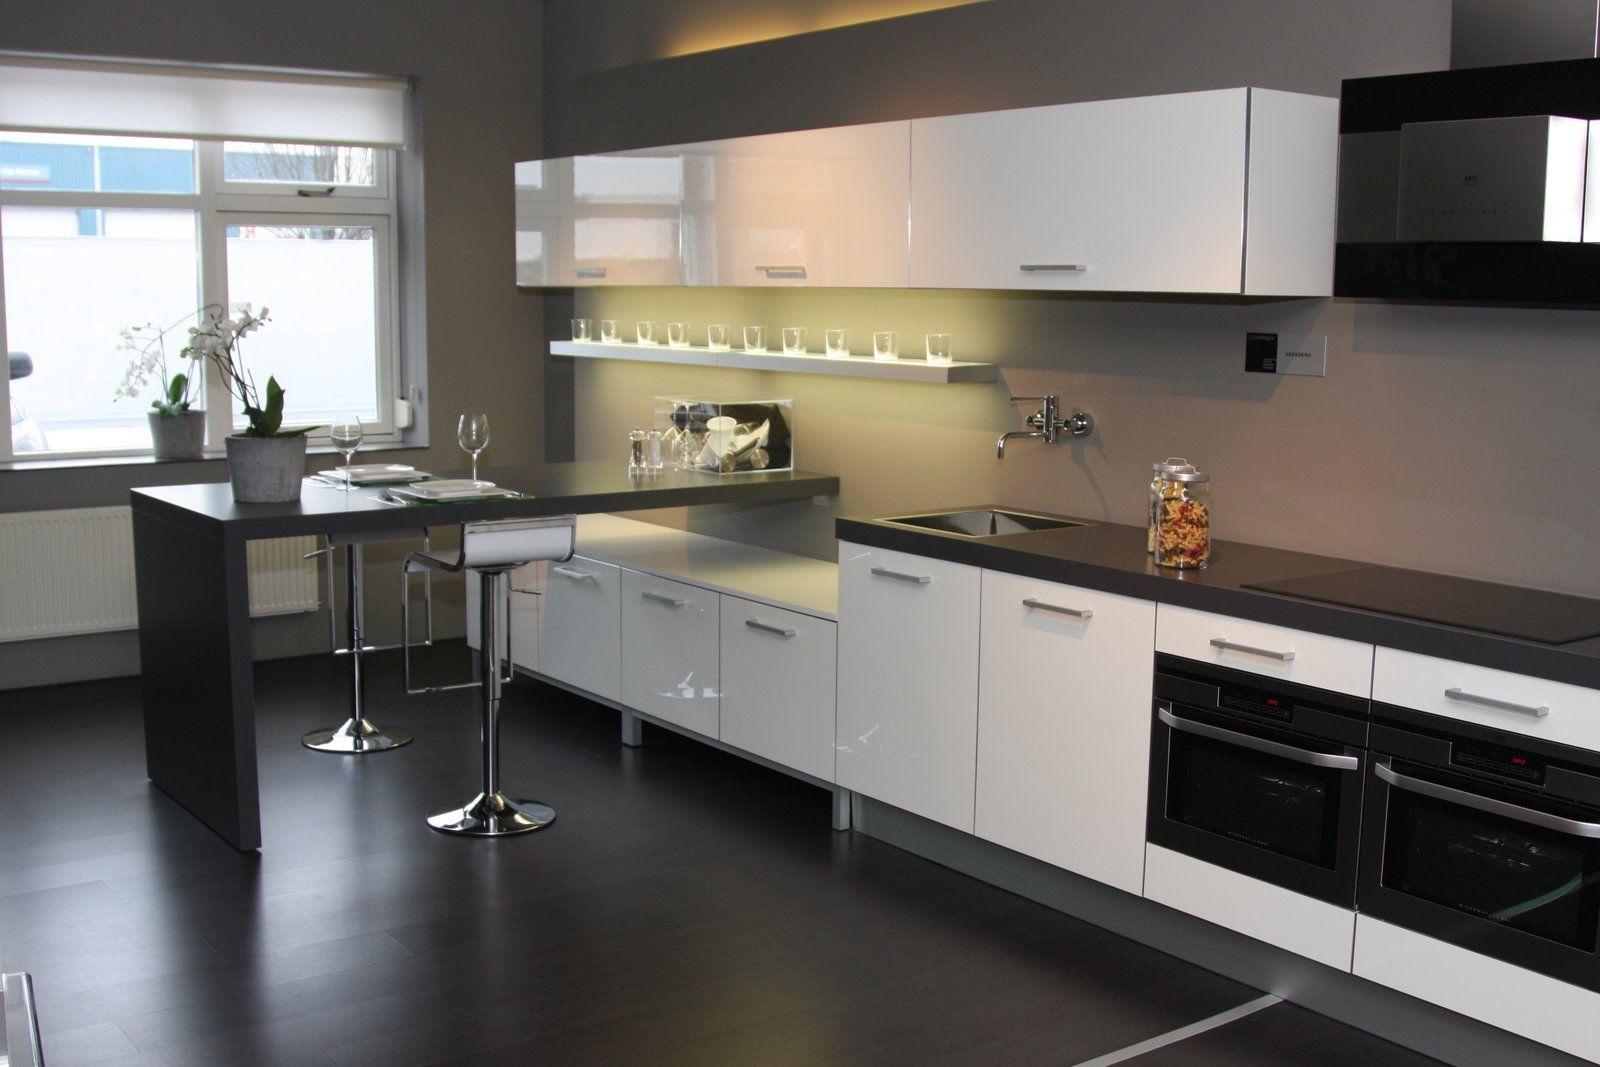 Keukenprijs altijd de beste keukenprijs comprex faradero 35031 - Keuken in lengte ...